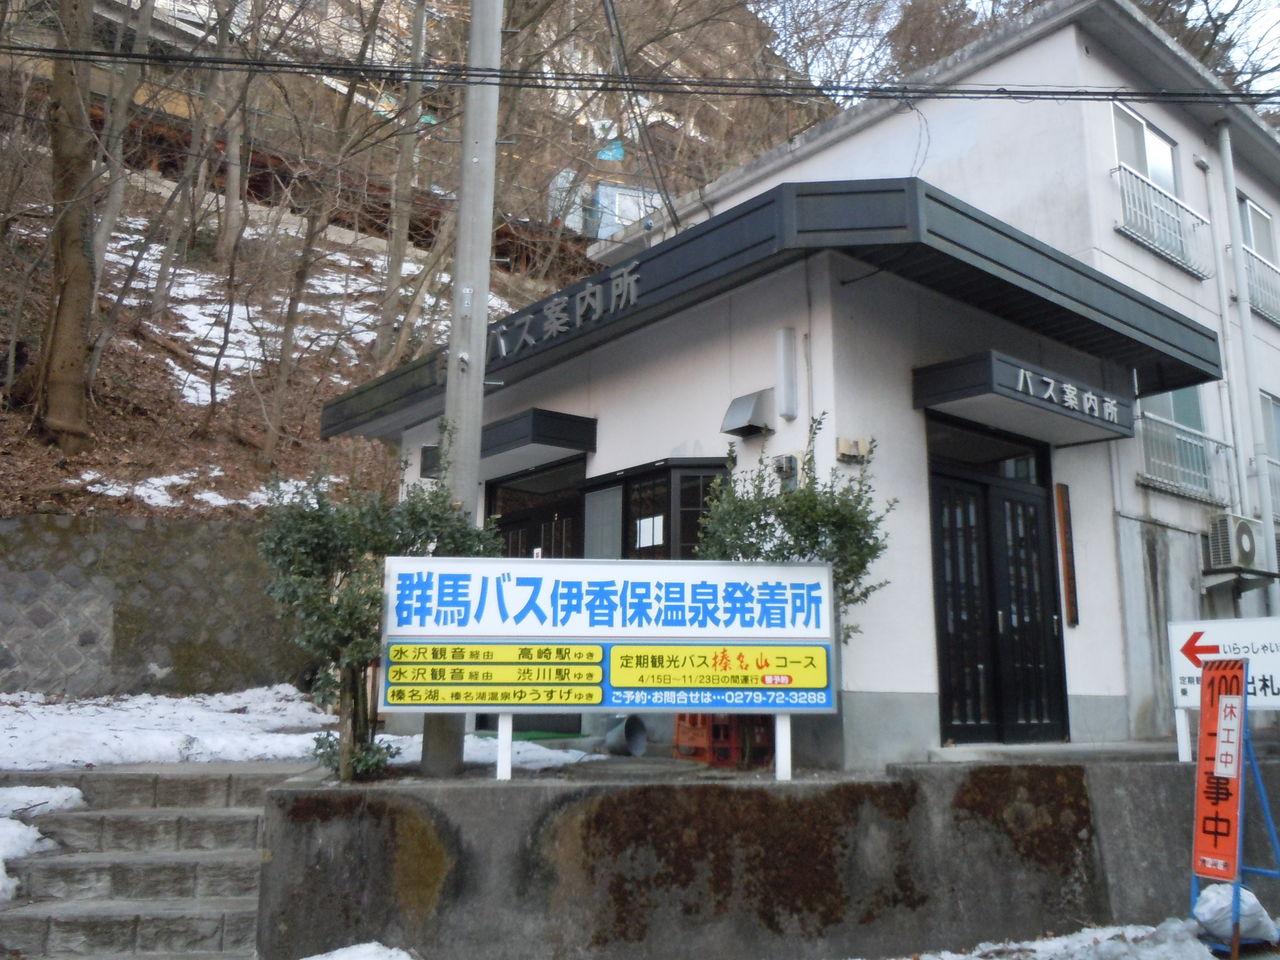 伊香保温泉のバス乗り場事情3 伊...